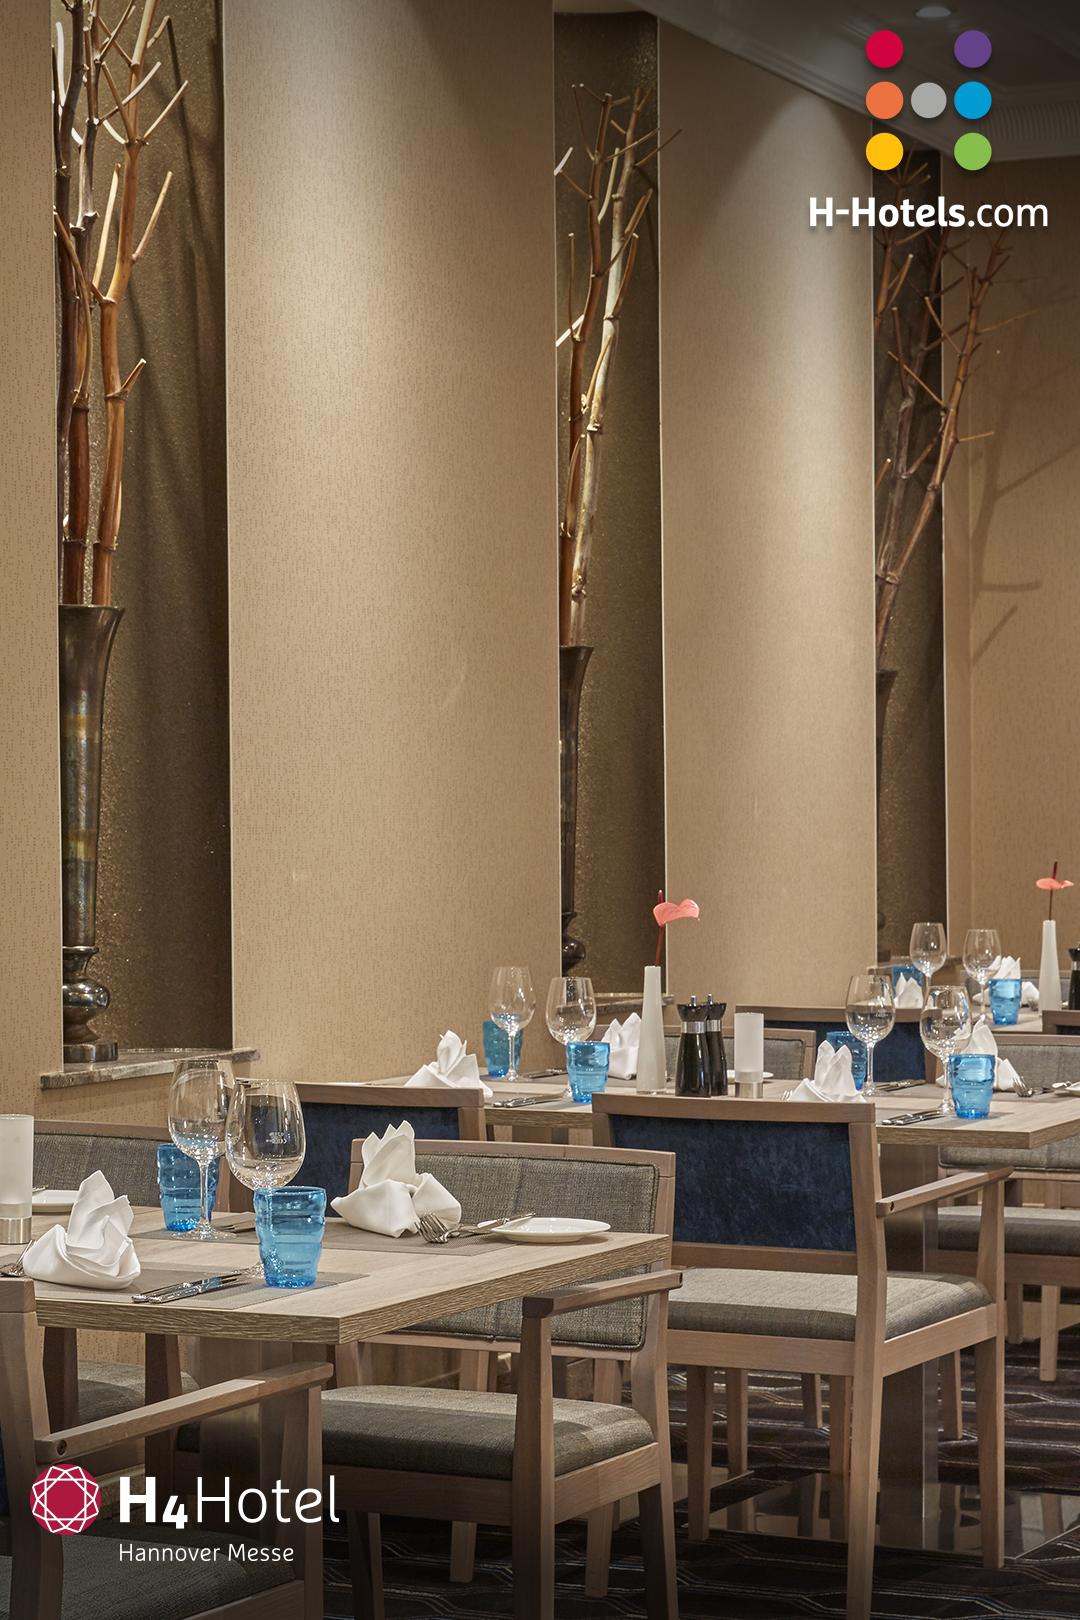 Das H4 Hotel Hannover Messe Empfangt Sie Mit Angenehmen Komfort In Gunstiger Entfernung Zur Messe Hannover Die Optimale Lage Sowie In 2020 Hannover Messe Hotel Hotels